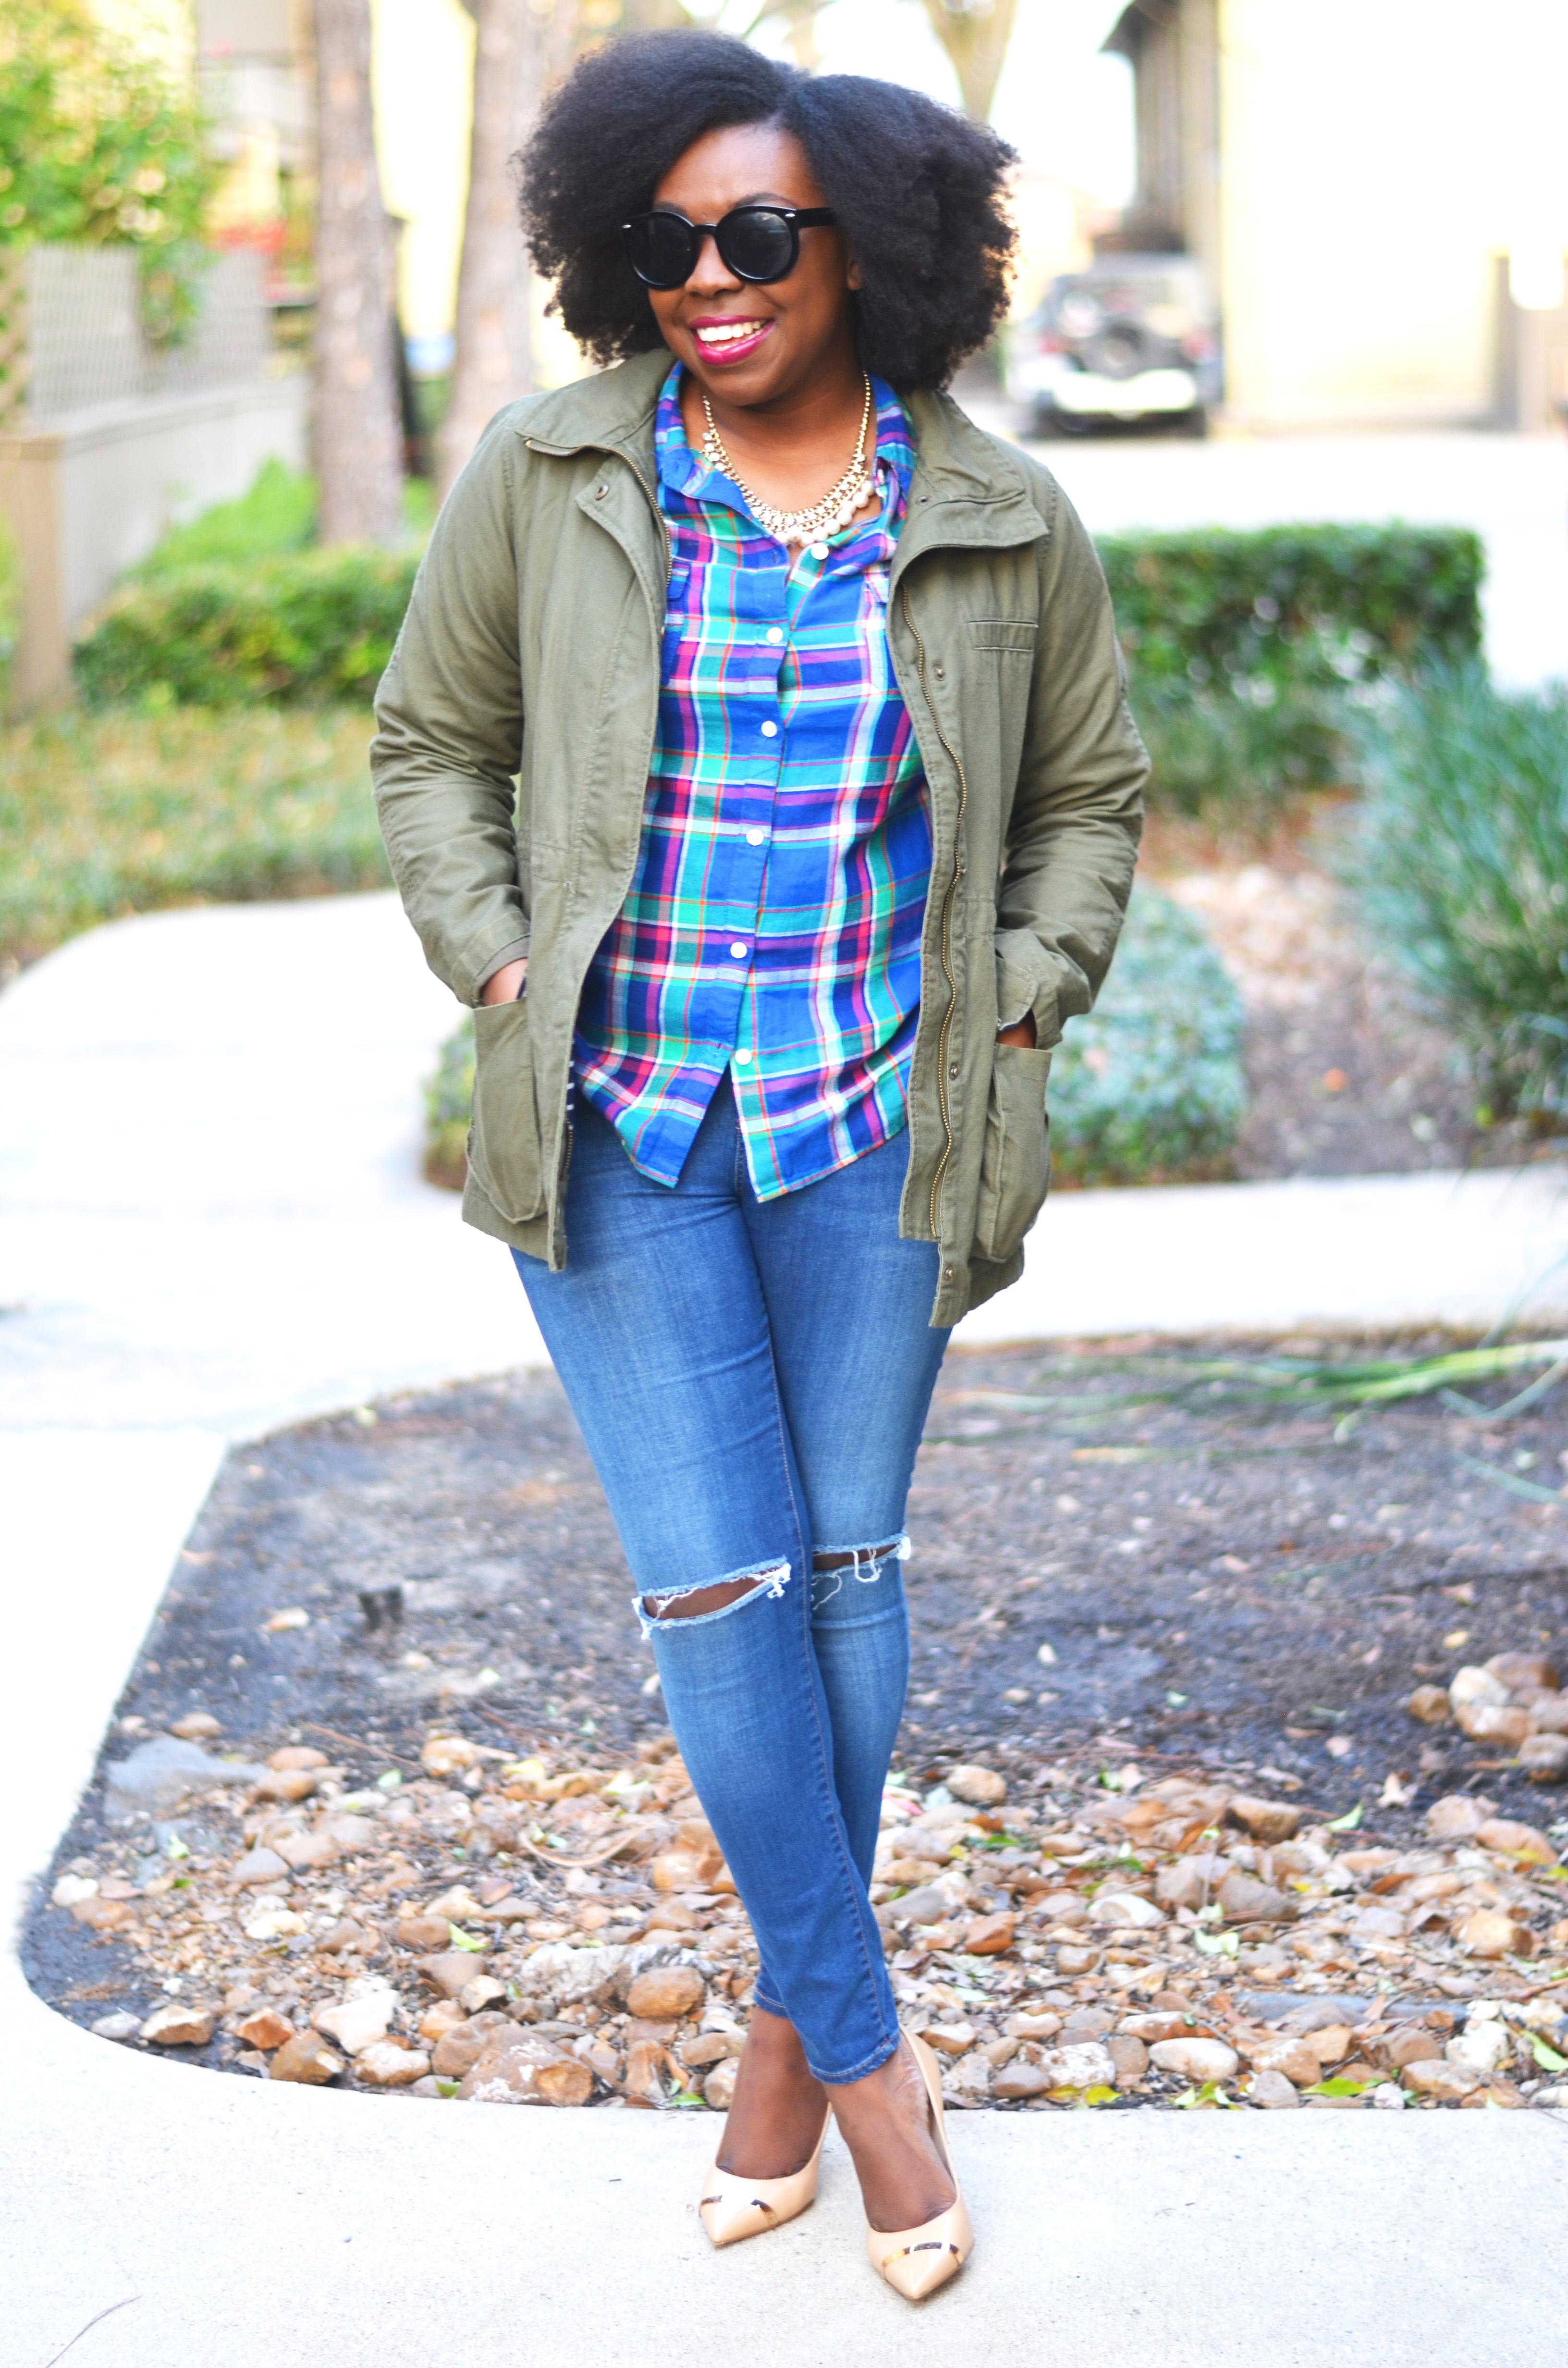 Parka & Plaid Outfit